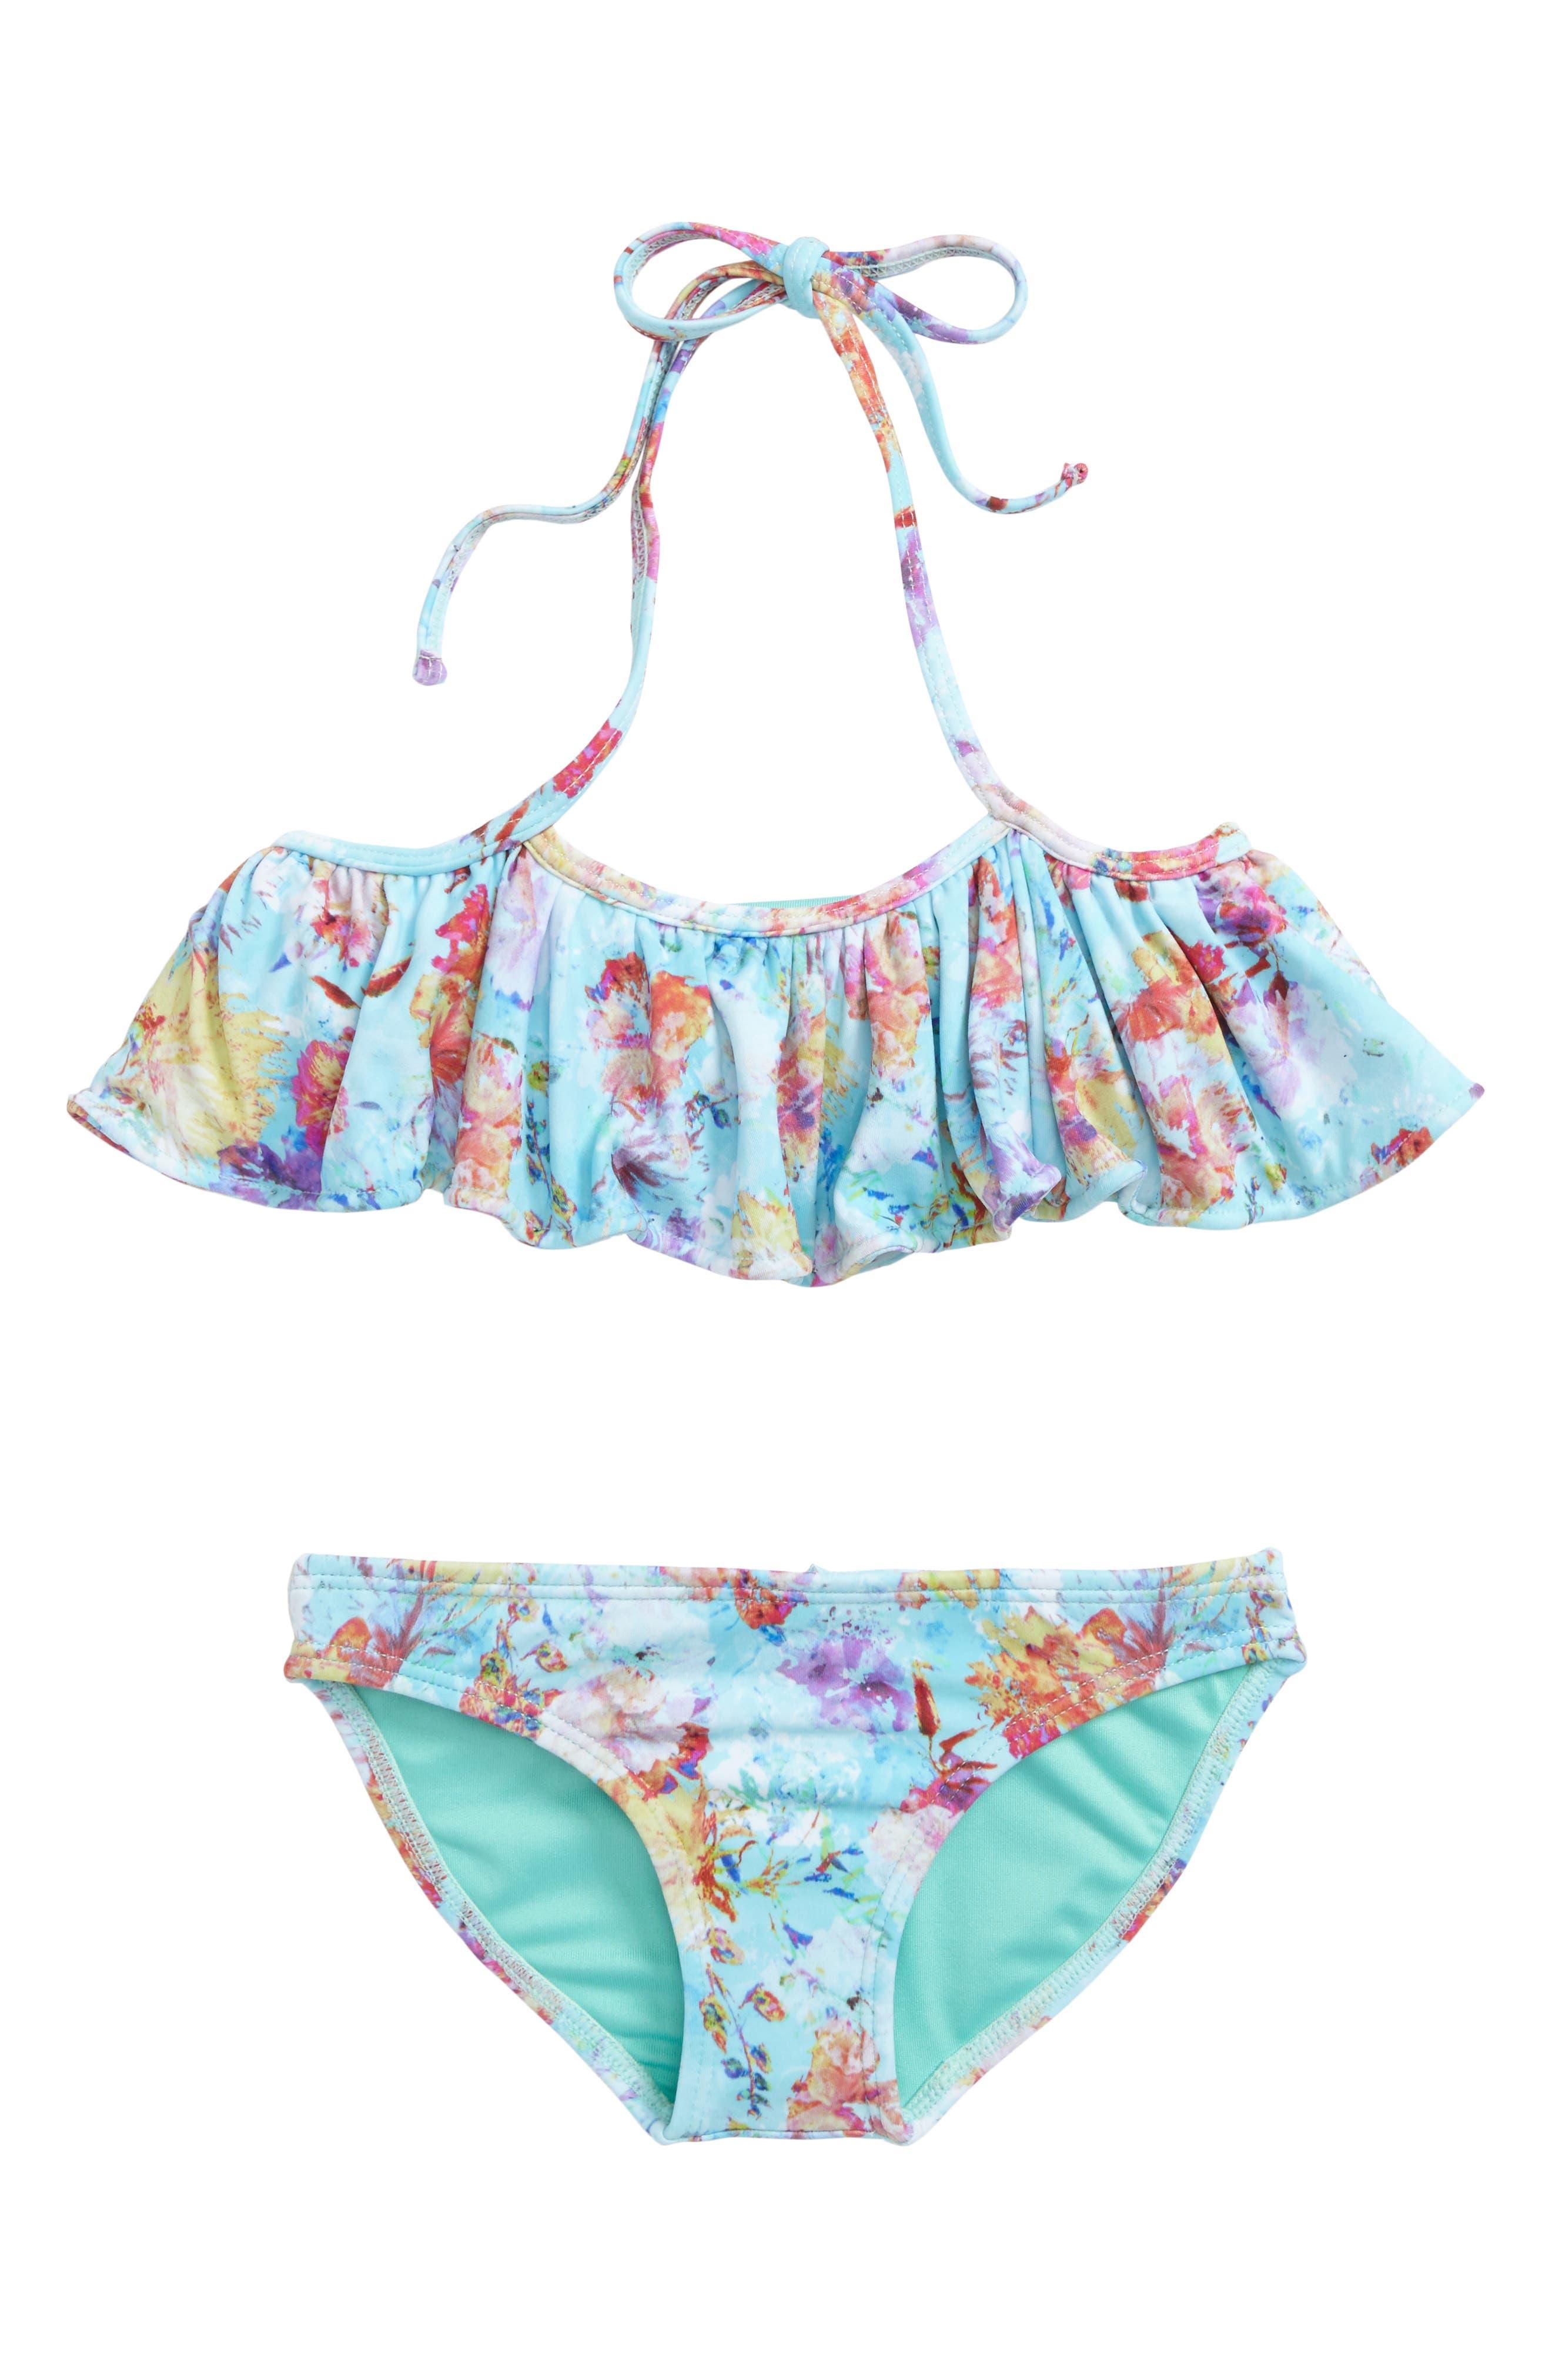 Leta Two-Piece Swimsuit,                             Main thumbnail 1, color,                             460